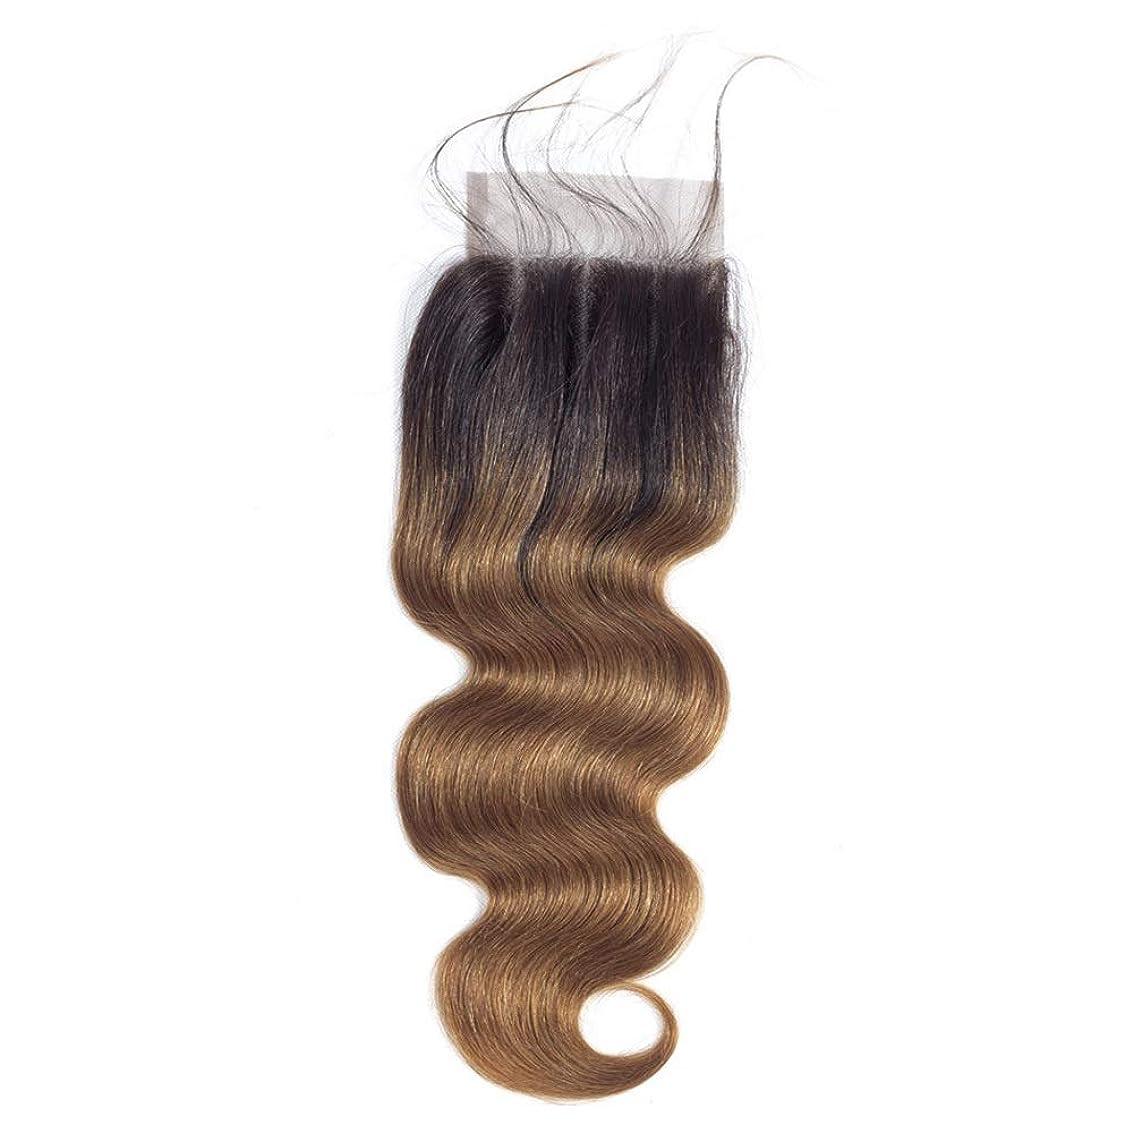 ひどく夜明けクラックポットかつら ブラジルの人間の髪の毛のレース前頭閉鎖4 x 4耳に耳1B / 30ブラウン2トーンカラー8